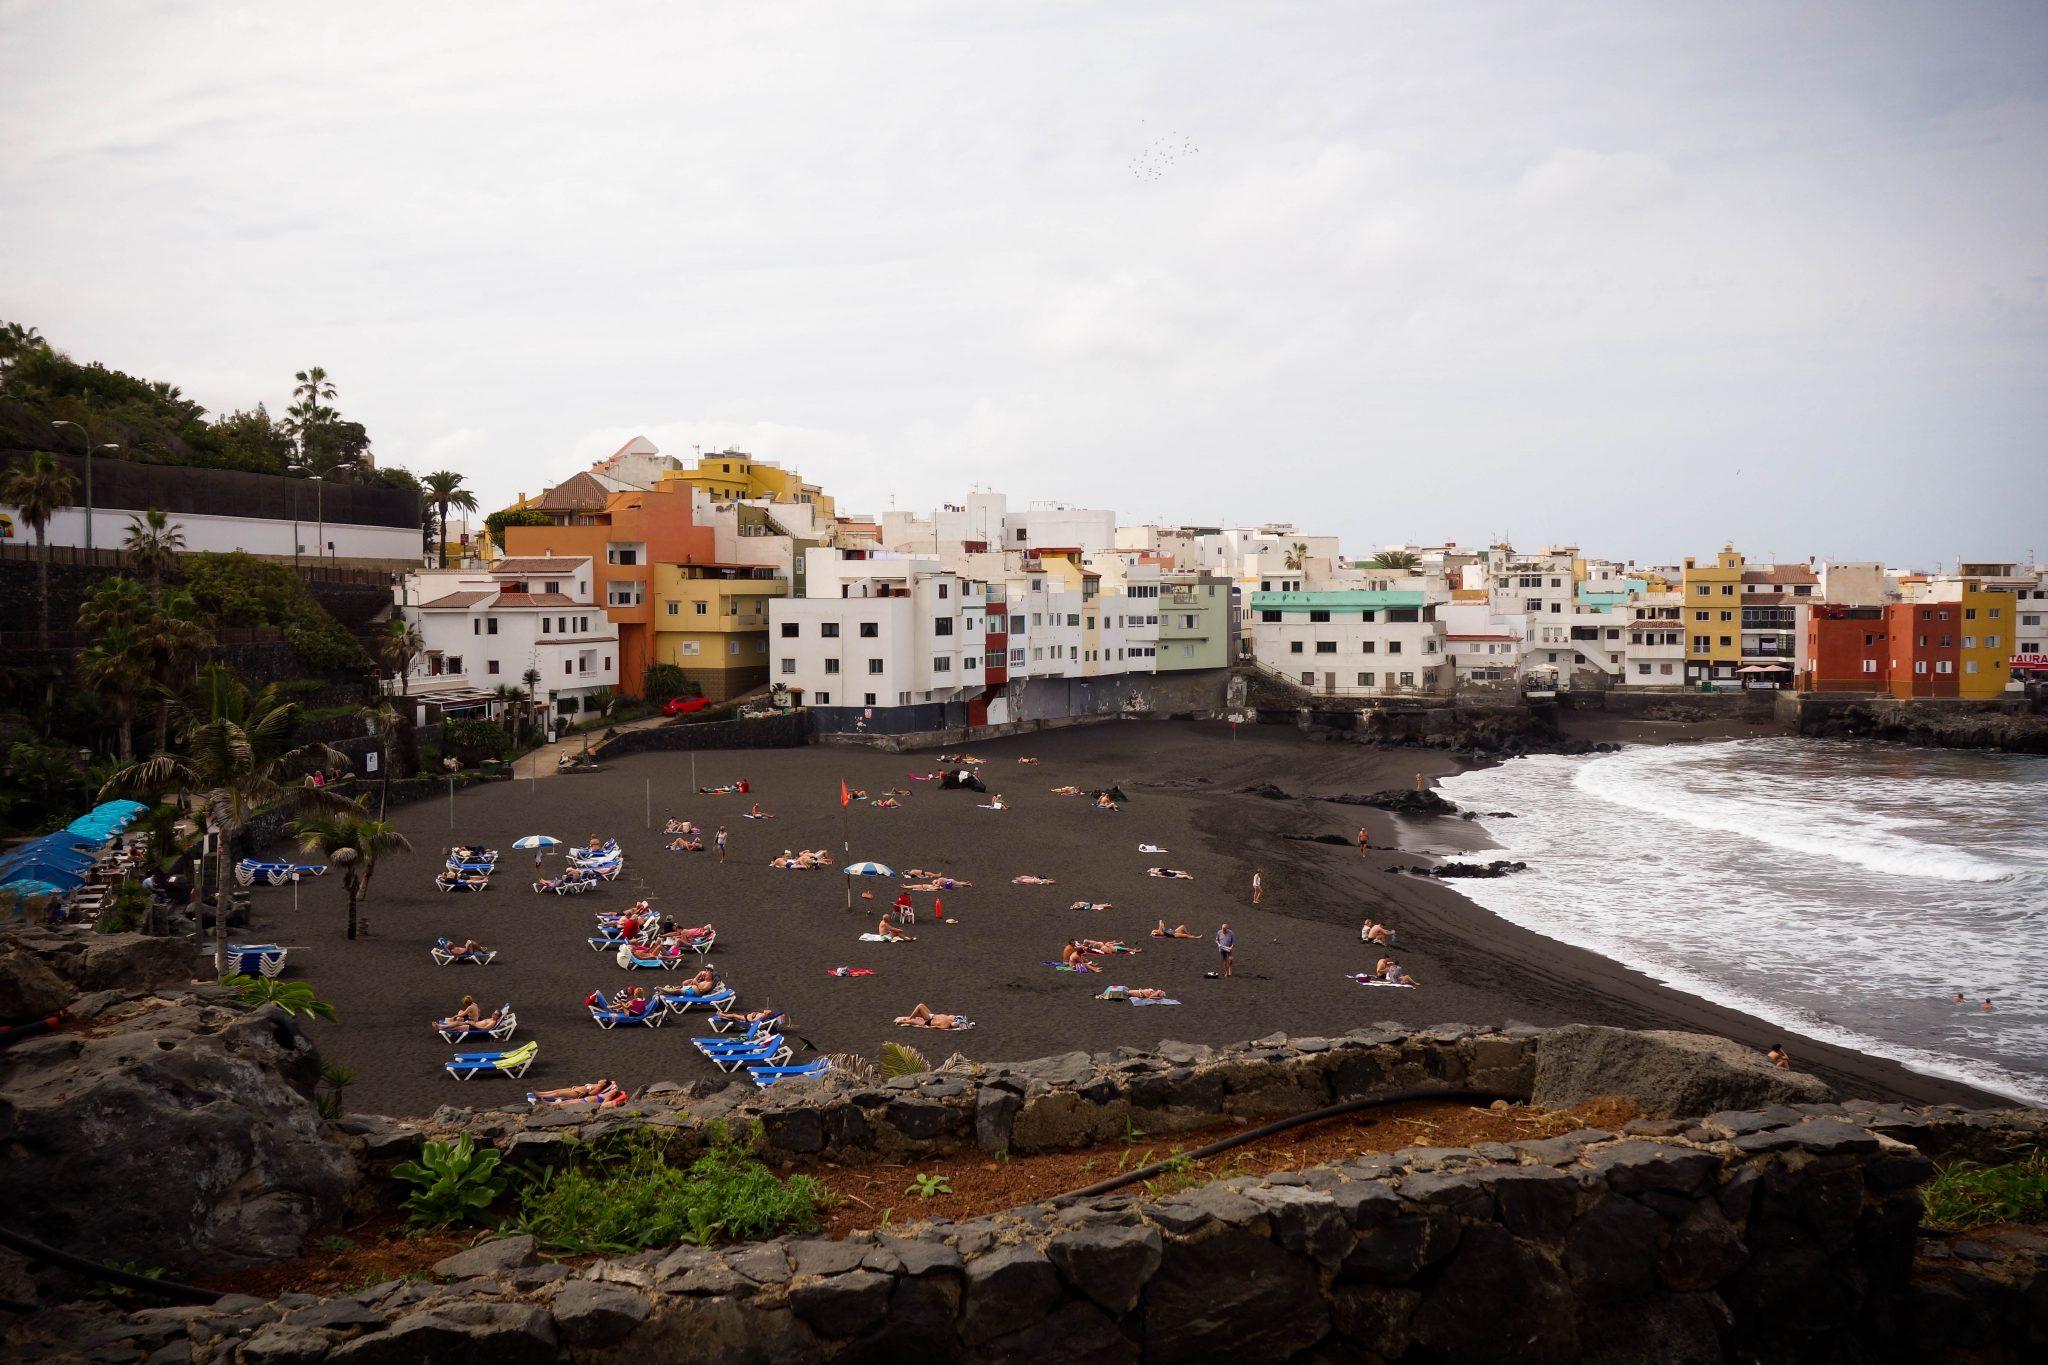 Teneriffa, Puerto de la Cruz: Dies ist mein Lieblingsabschnitt vom Strand gewesen, da dort nicht allzu viele Touristen waren. Links oben kann man bereits den Loro Parque entdecken.